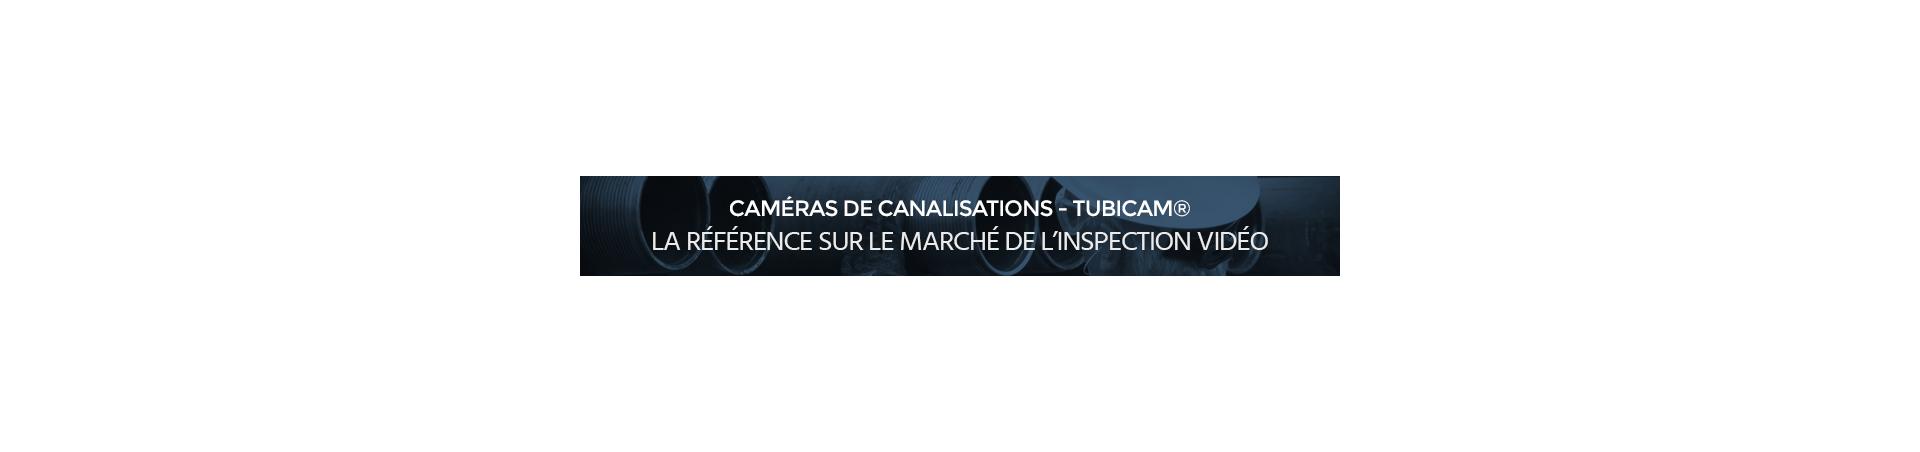 Caméra d'inspection de canalisation - Achetez chez le leader du marché